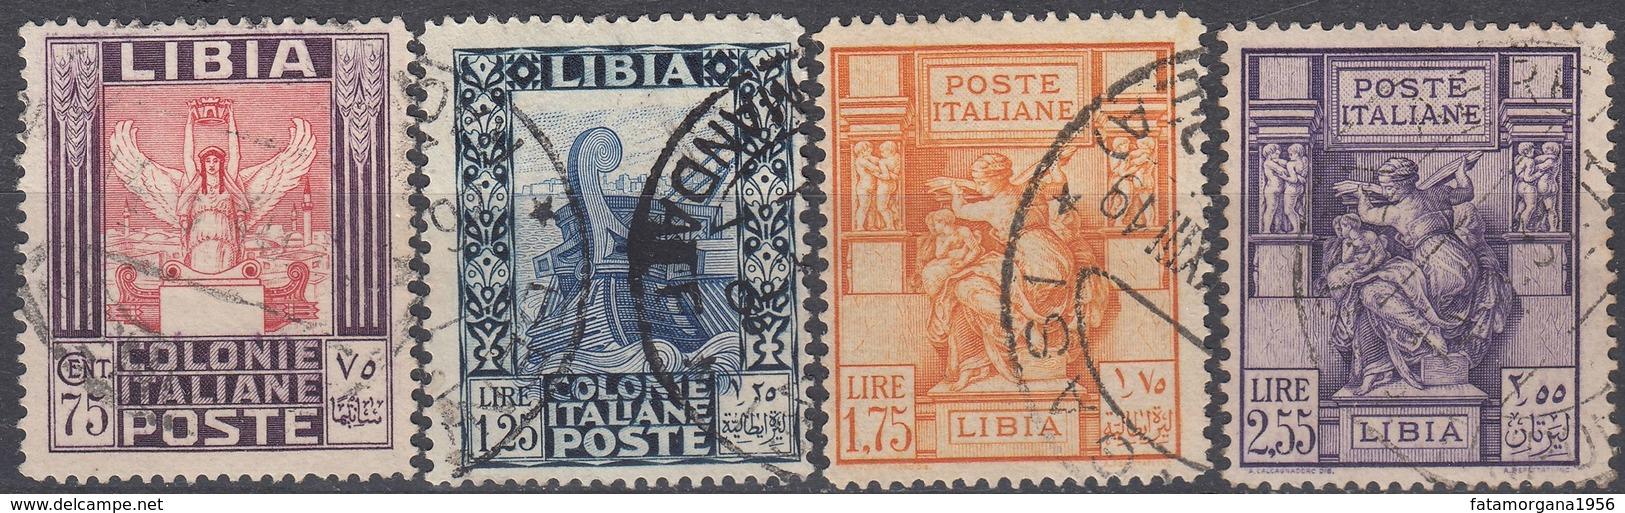 LIBIA (COLONIA ITALIANA)  - Lotto Di Quattro Valori Usati: Yvert 60/63, Come Da Immagine. - Libyen